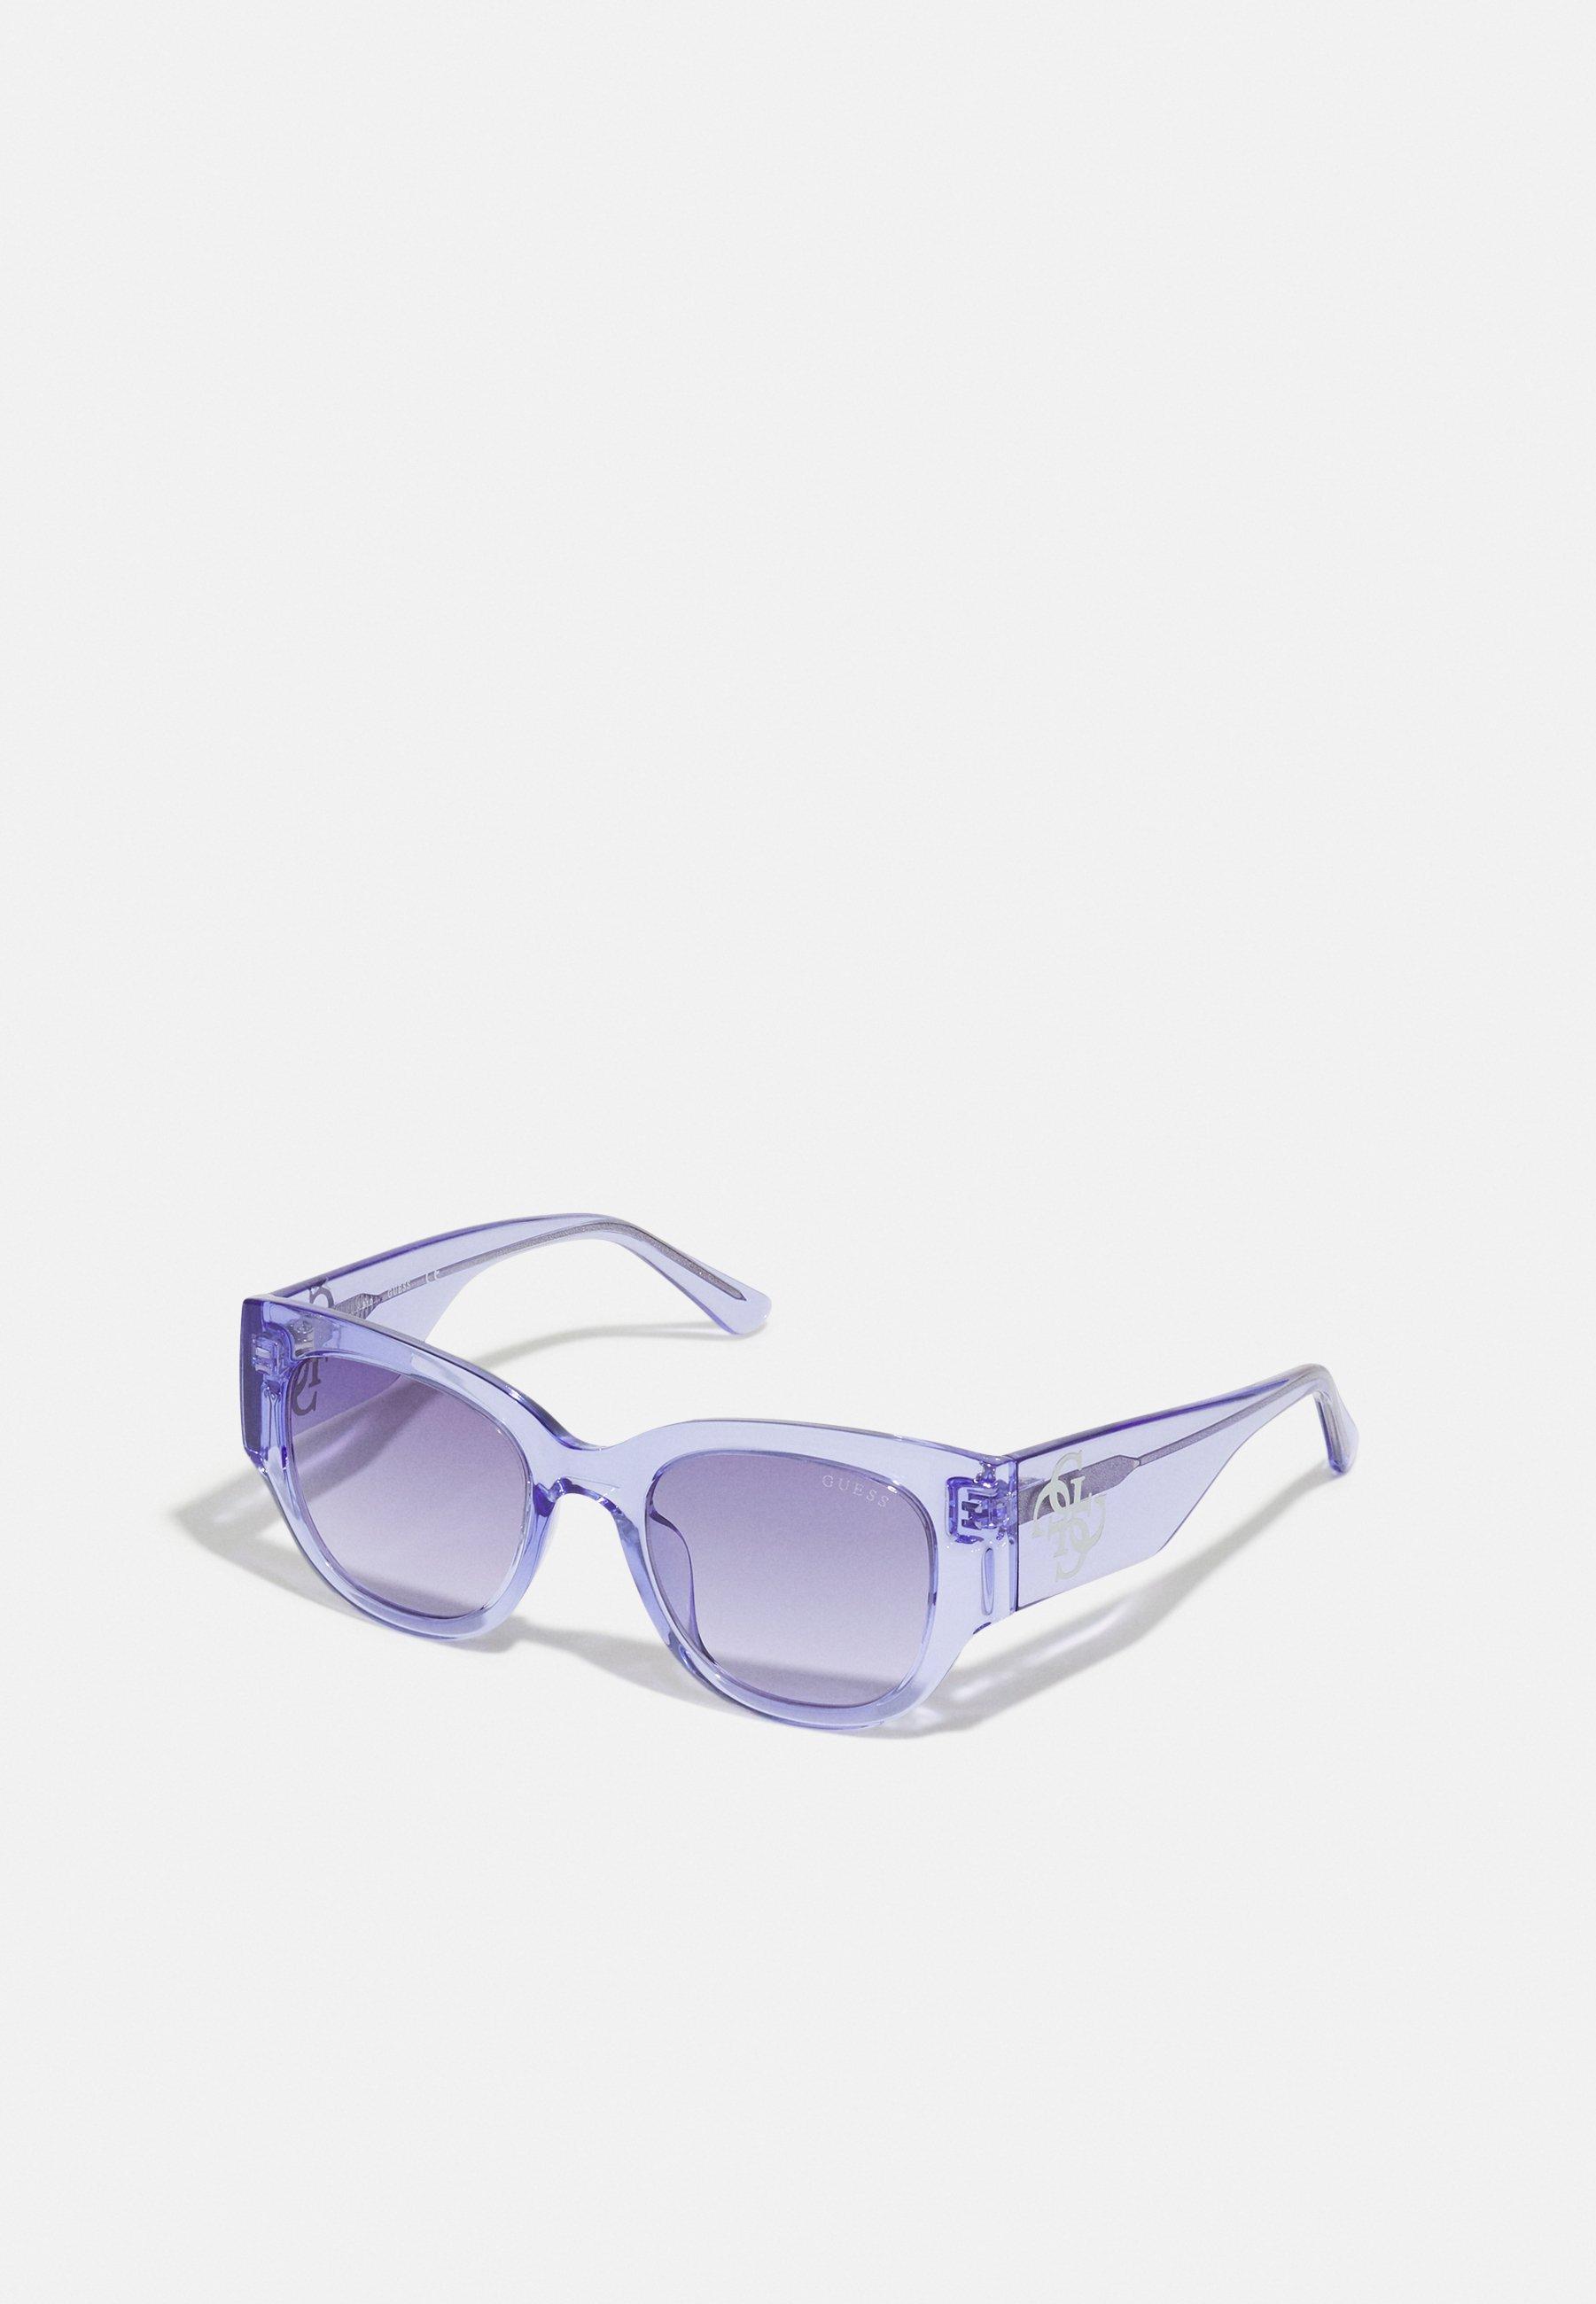 Kinder KIDS EYEWEAR UNISEX - Sonnenbrille